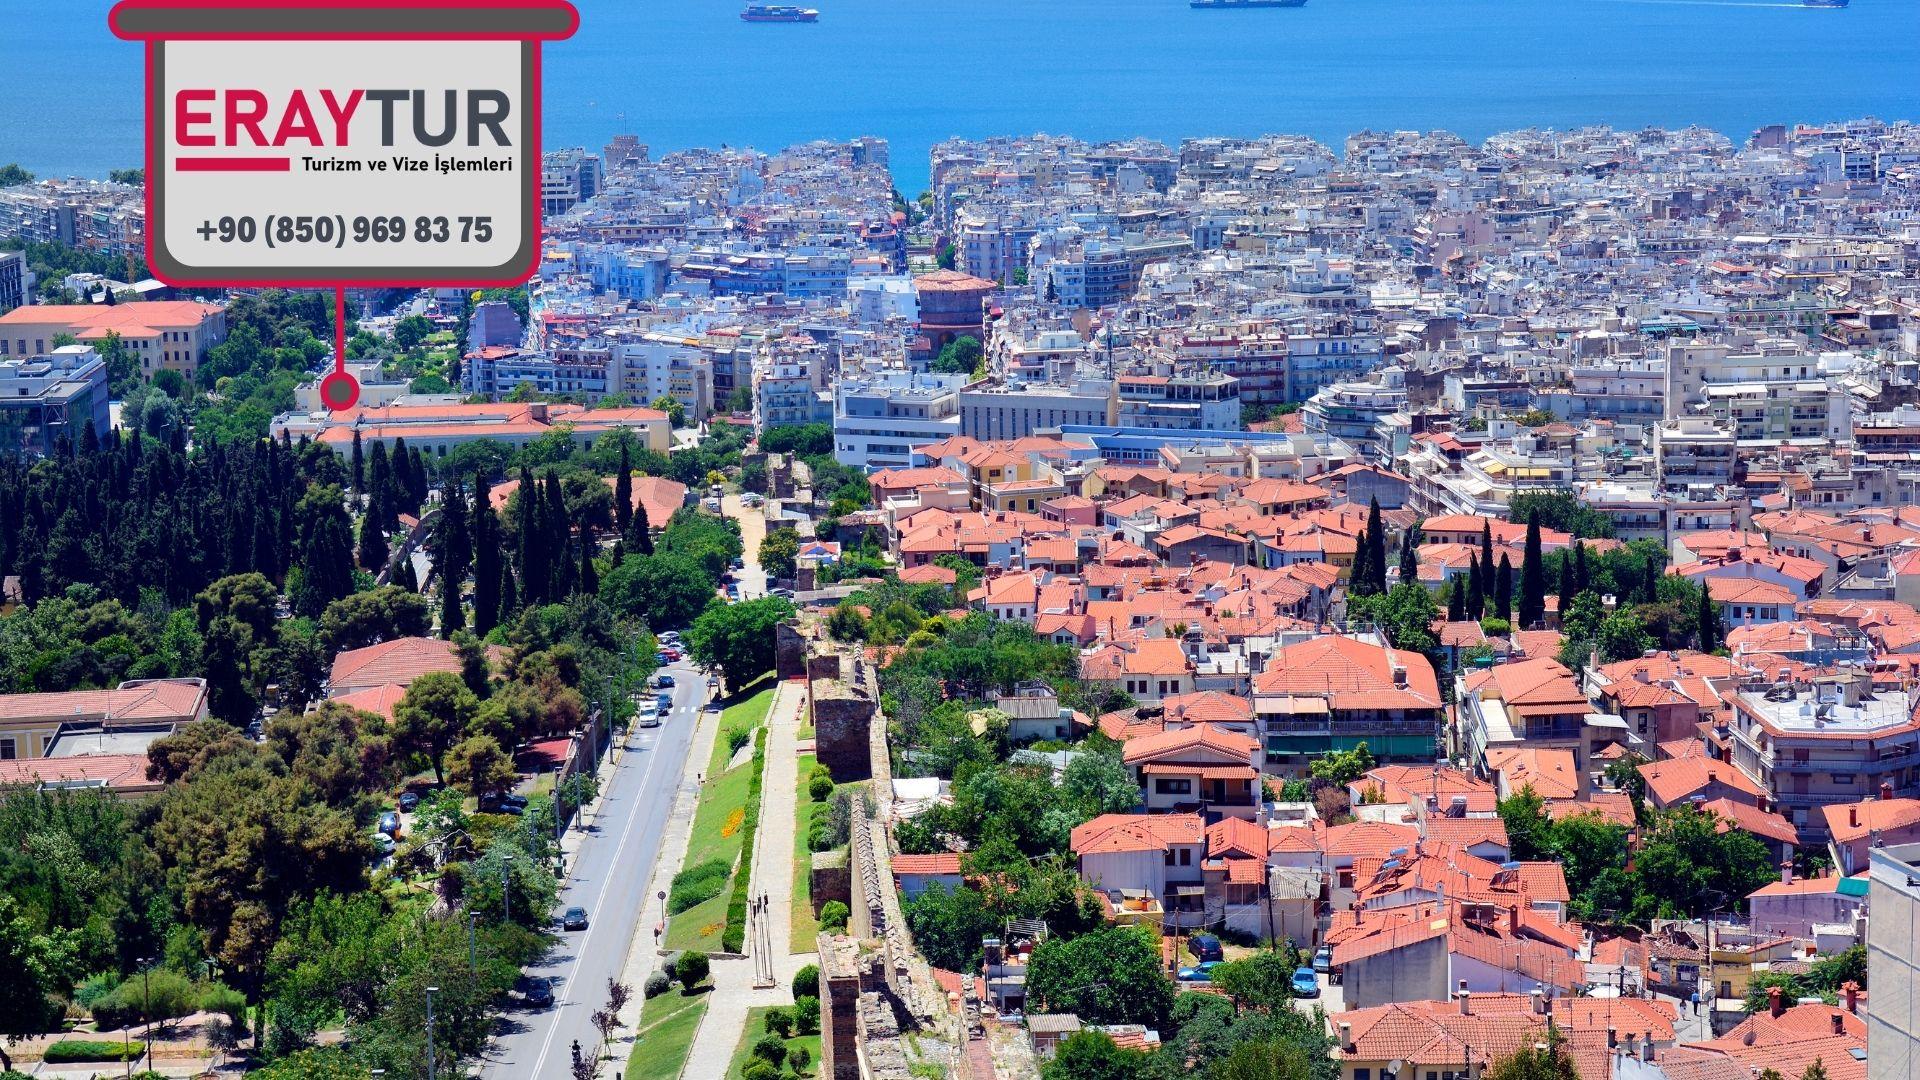 Yunanistan Turistik Vize İçin Gerekli Evraklar